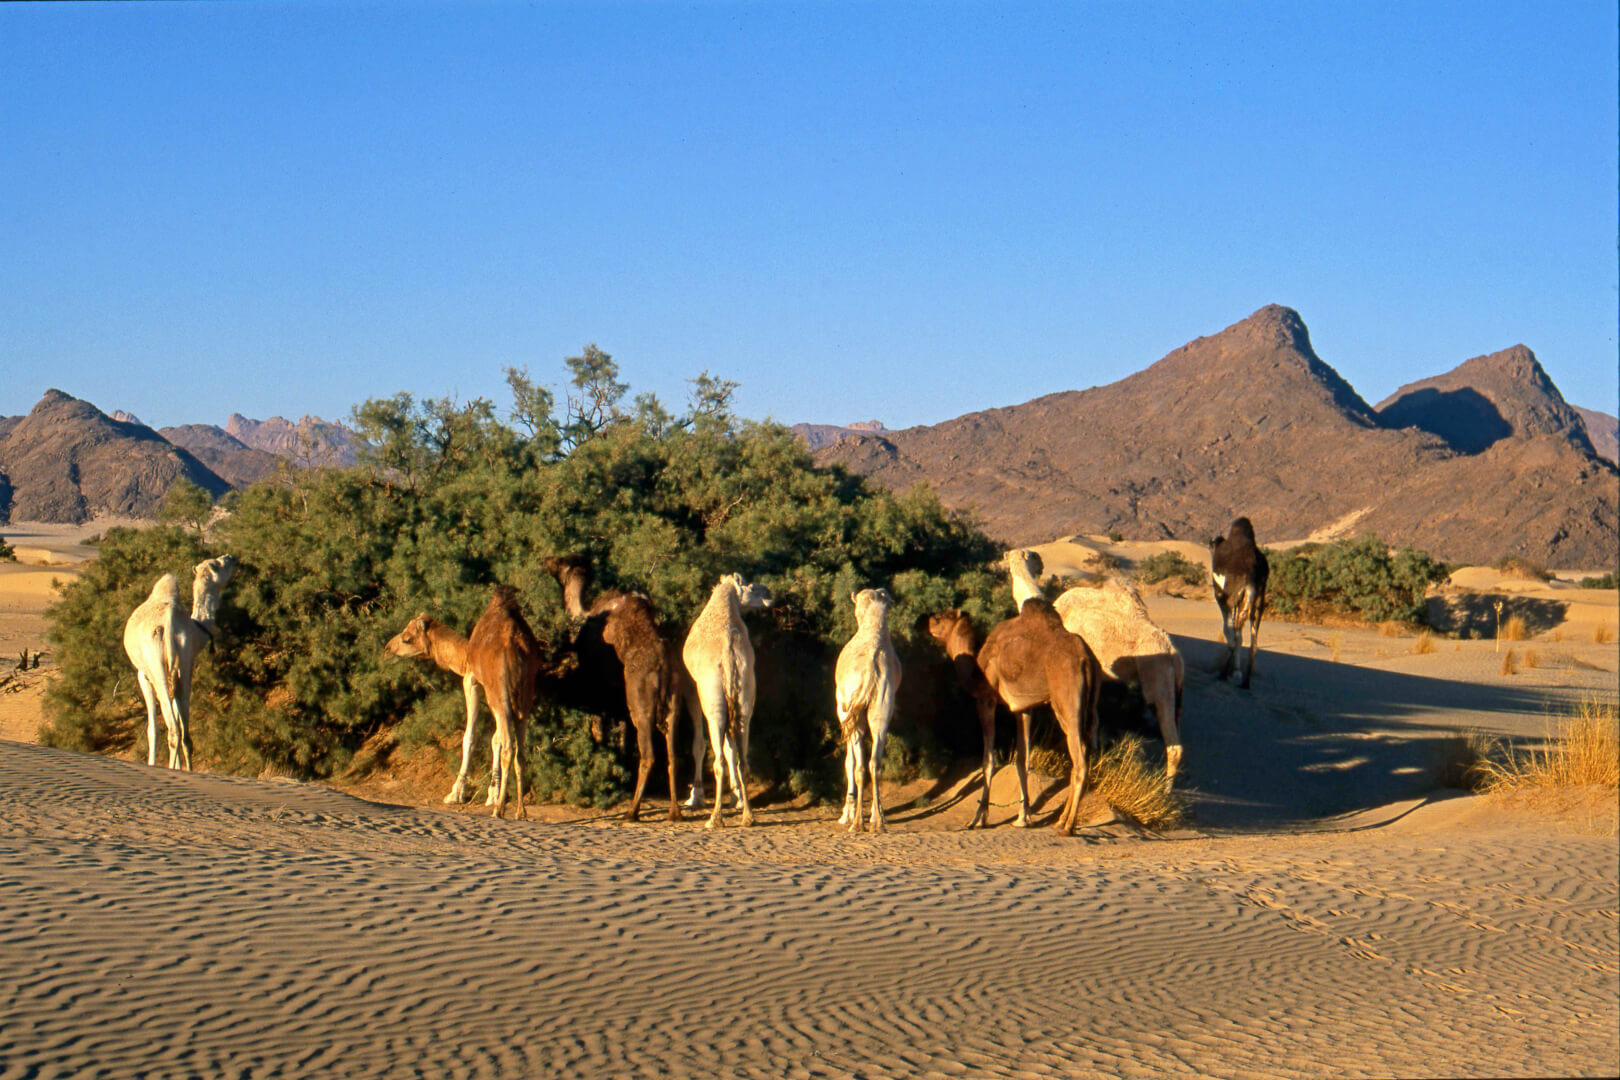 Les chameaux se nourrissent des branches d'acacia